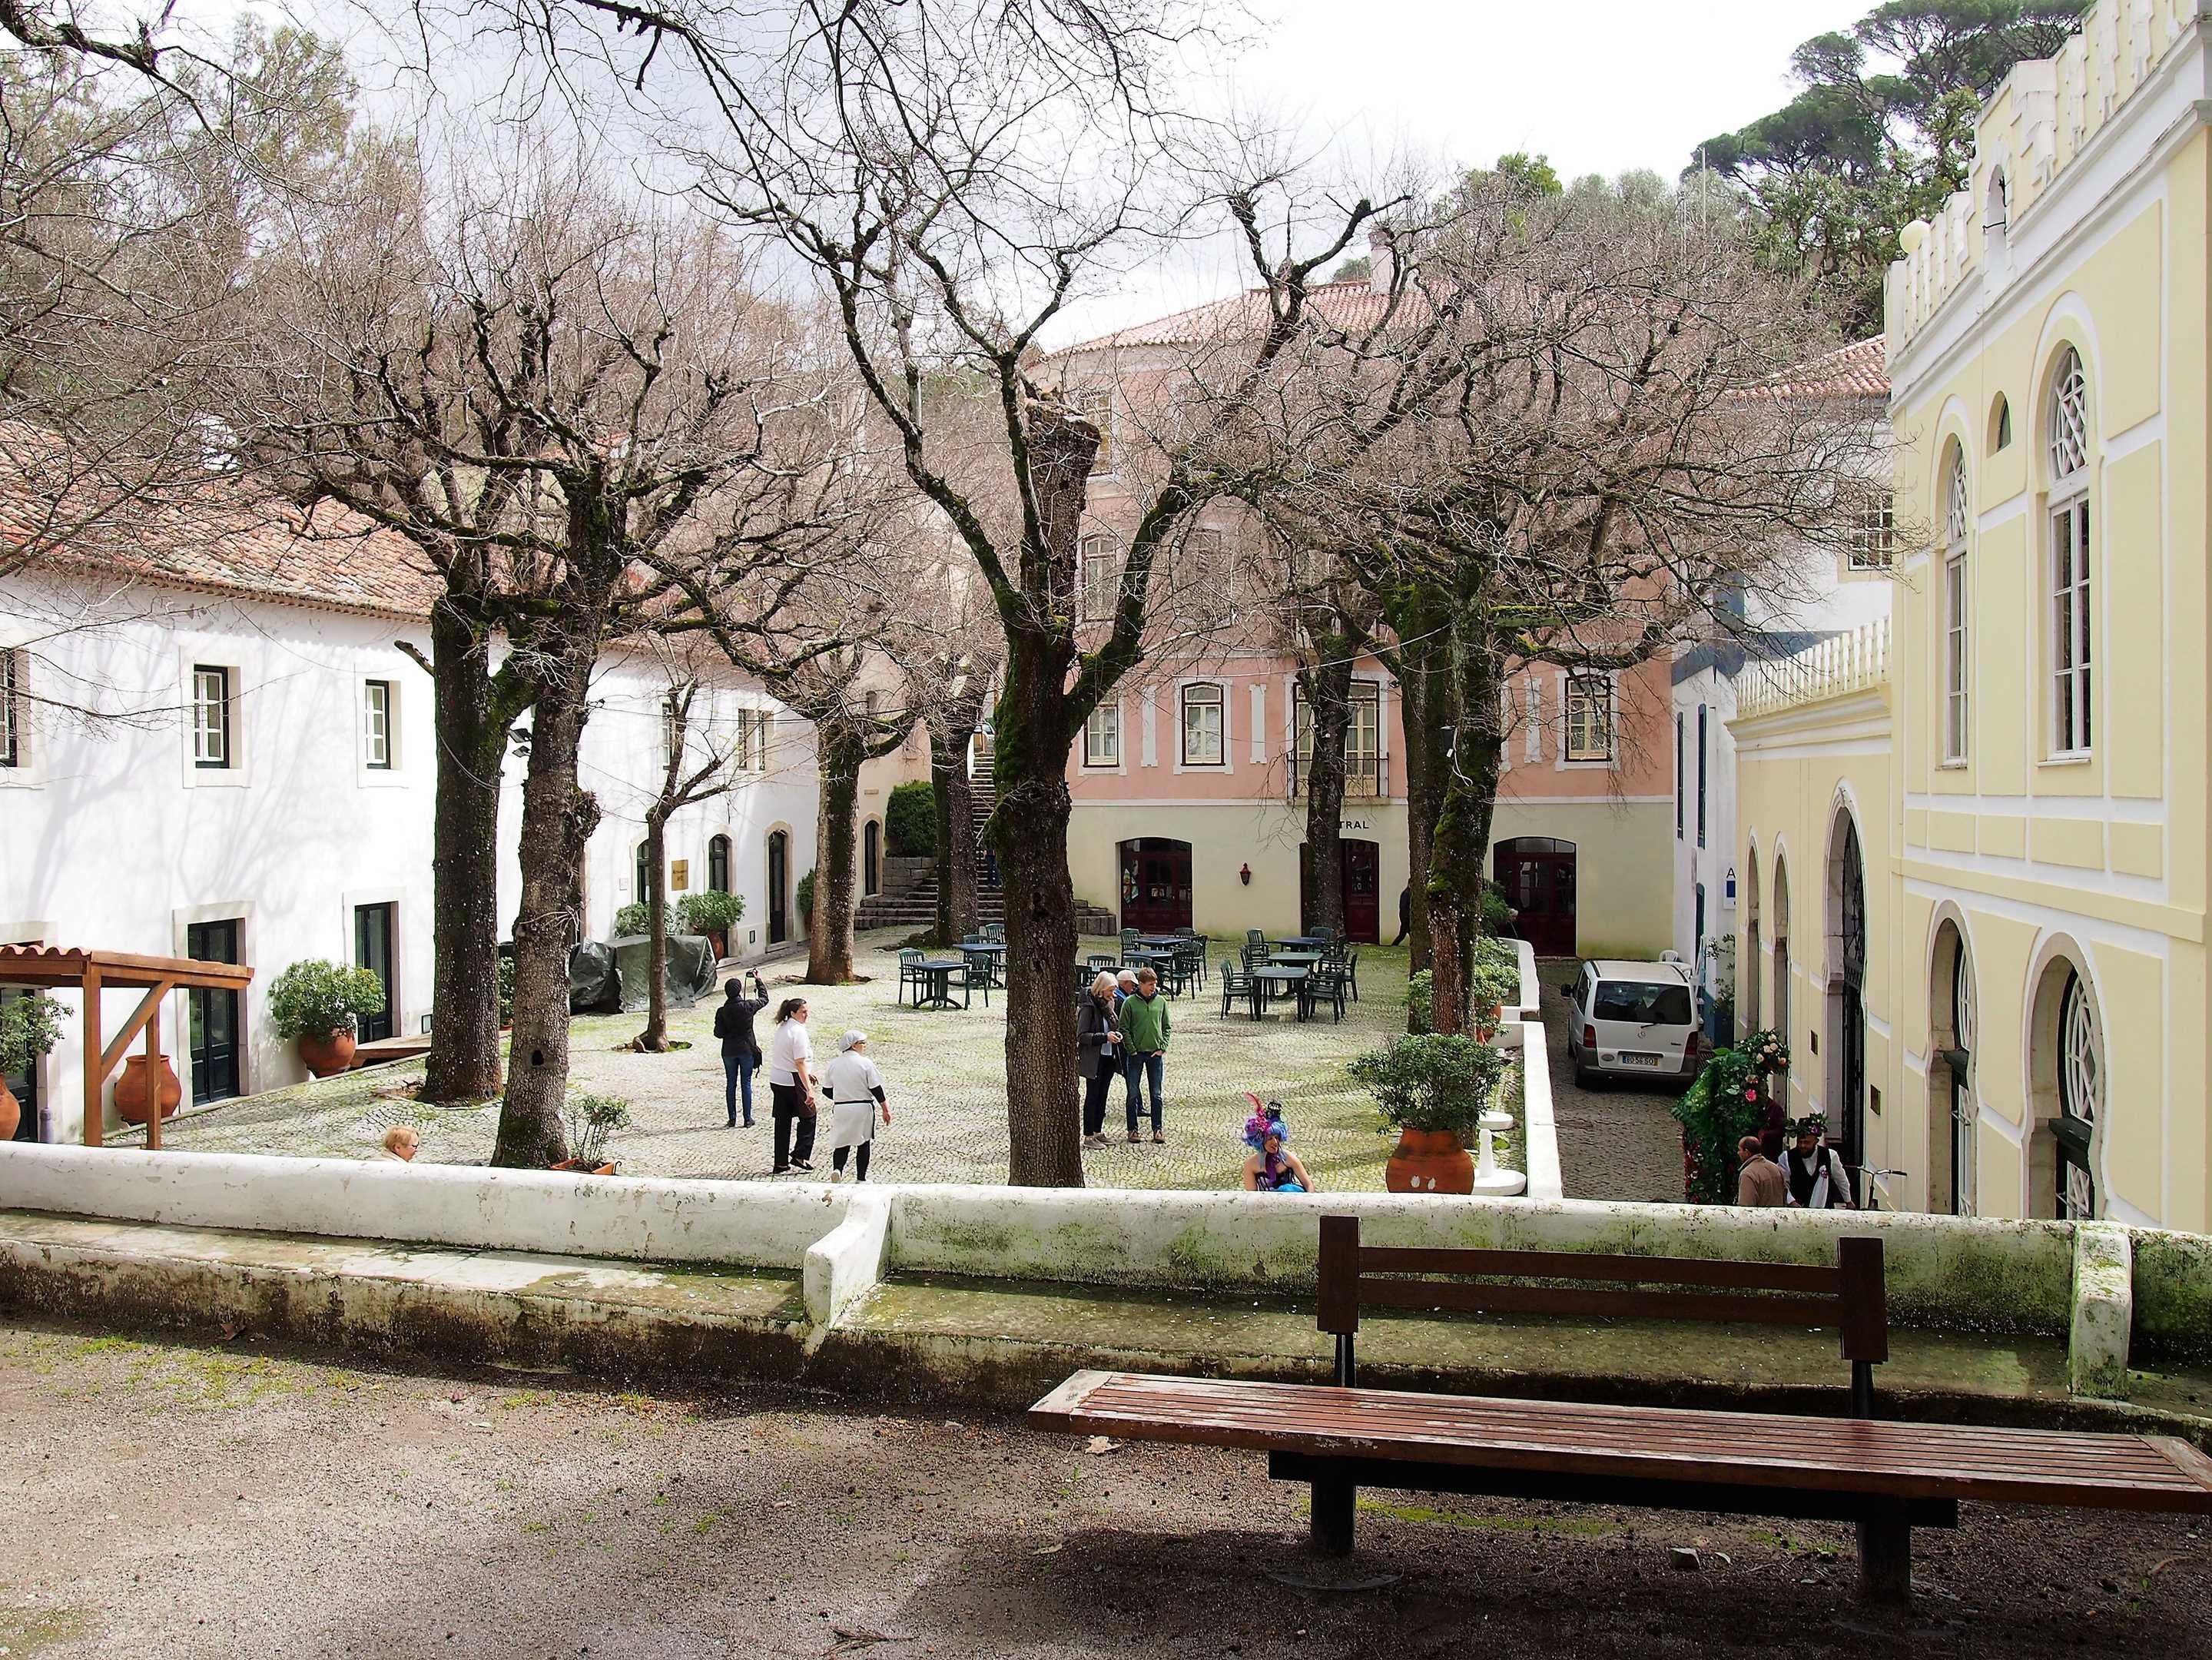 The main square at Caldas de Monchique